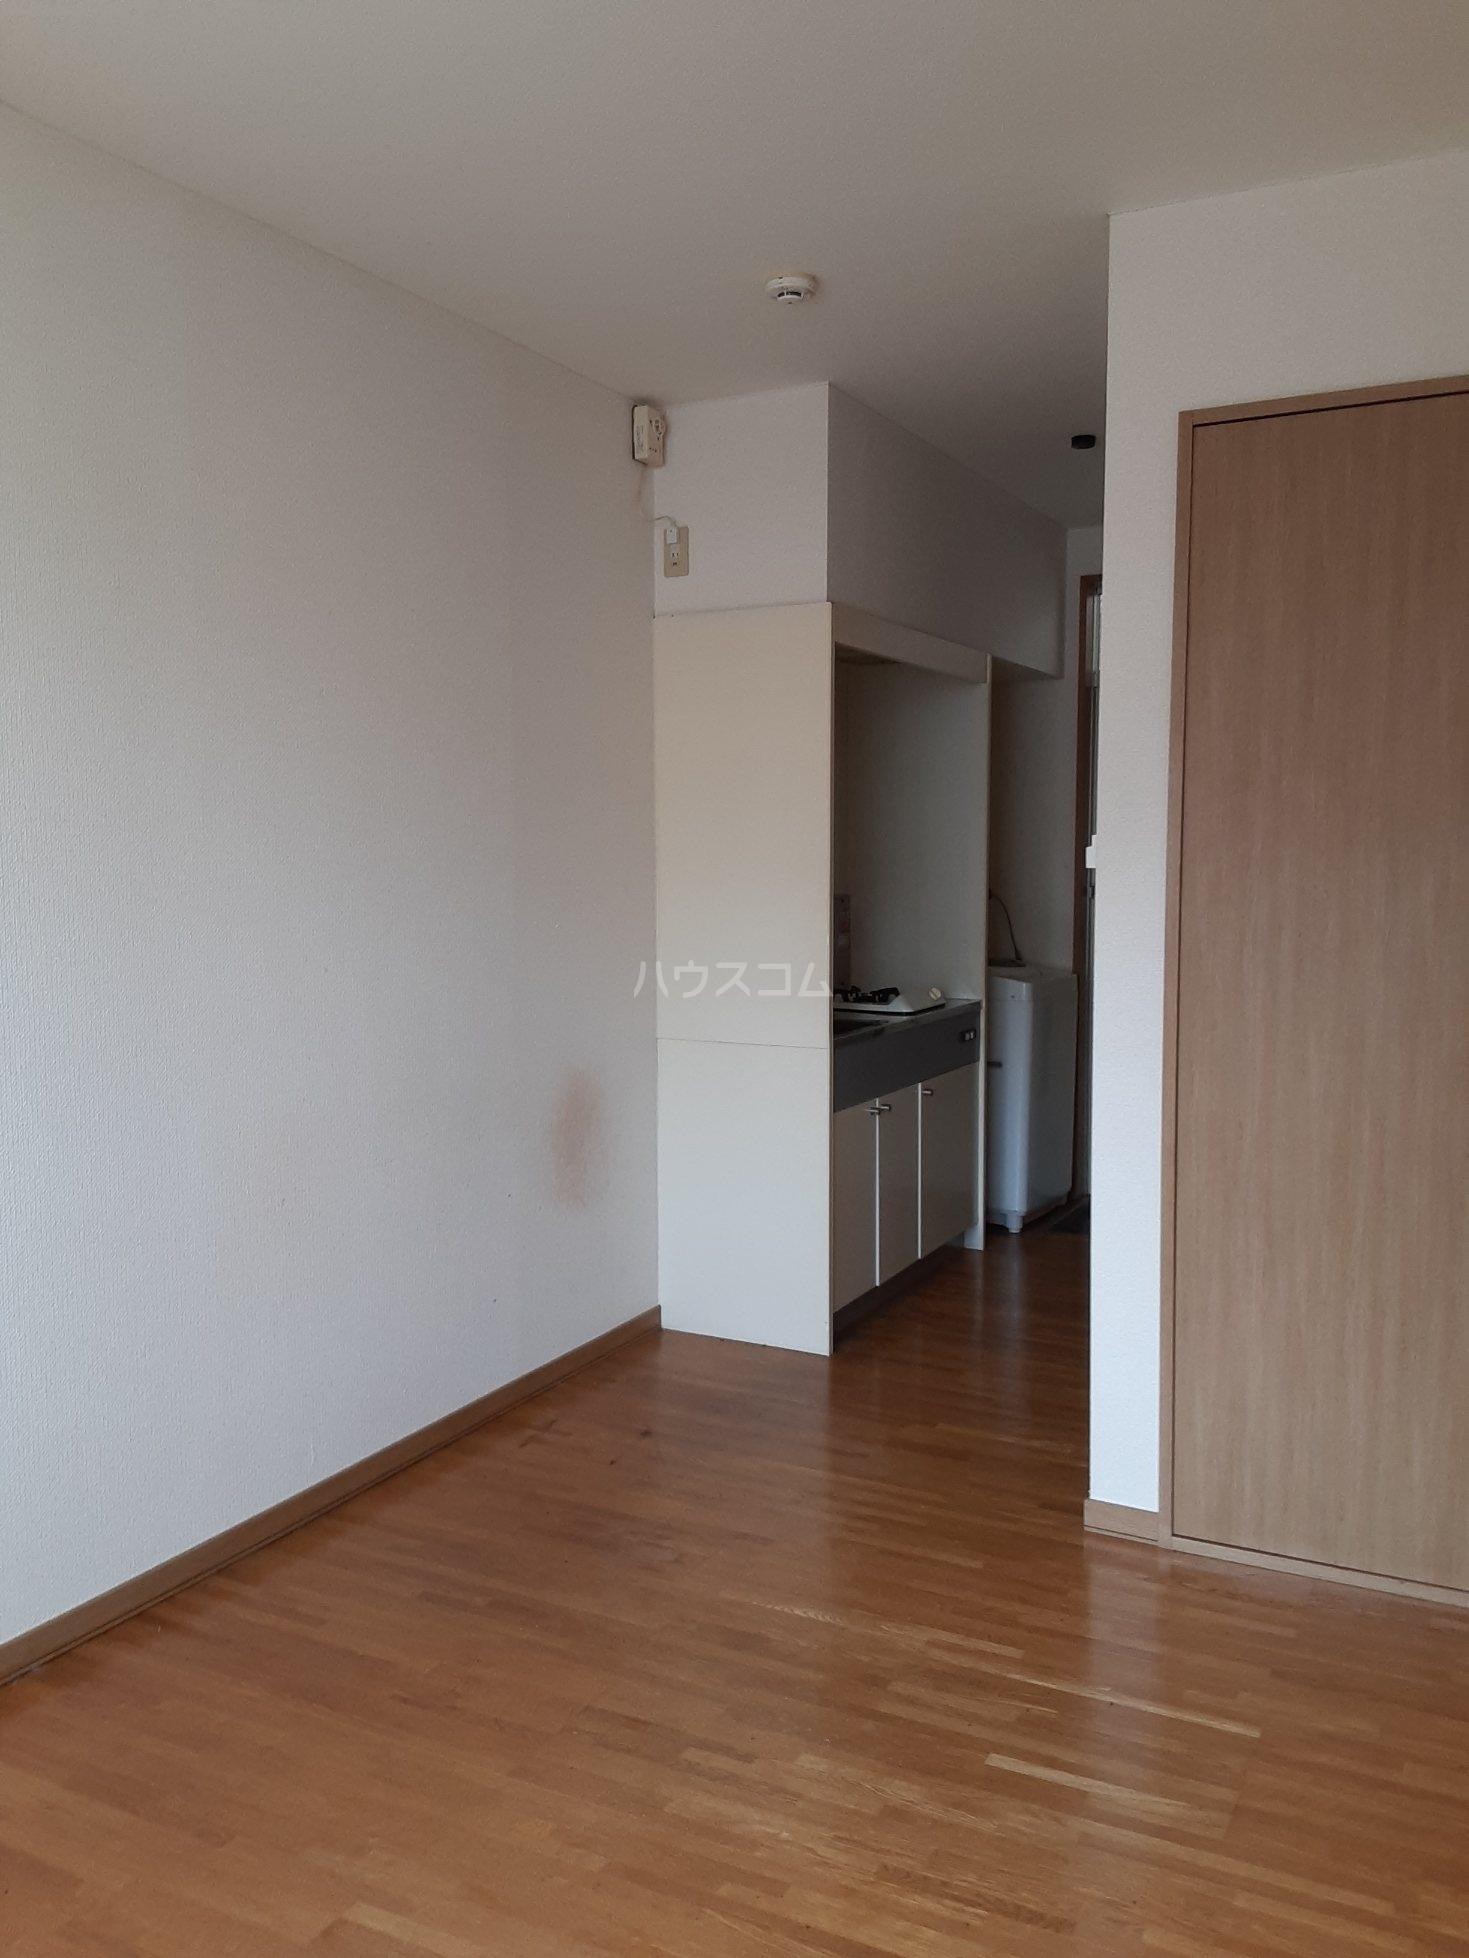 福山アパート 202号室のその他